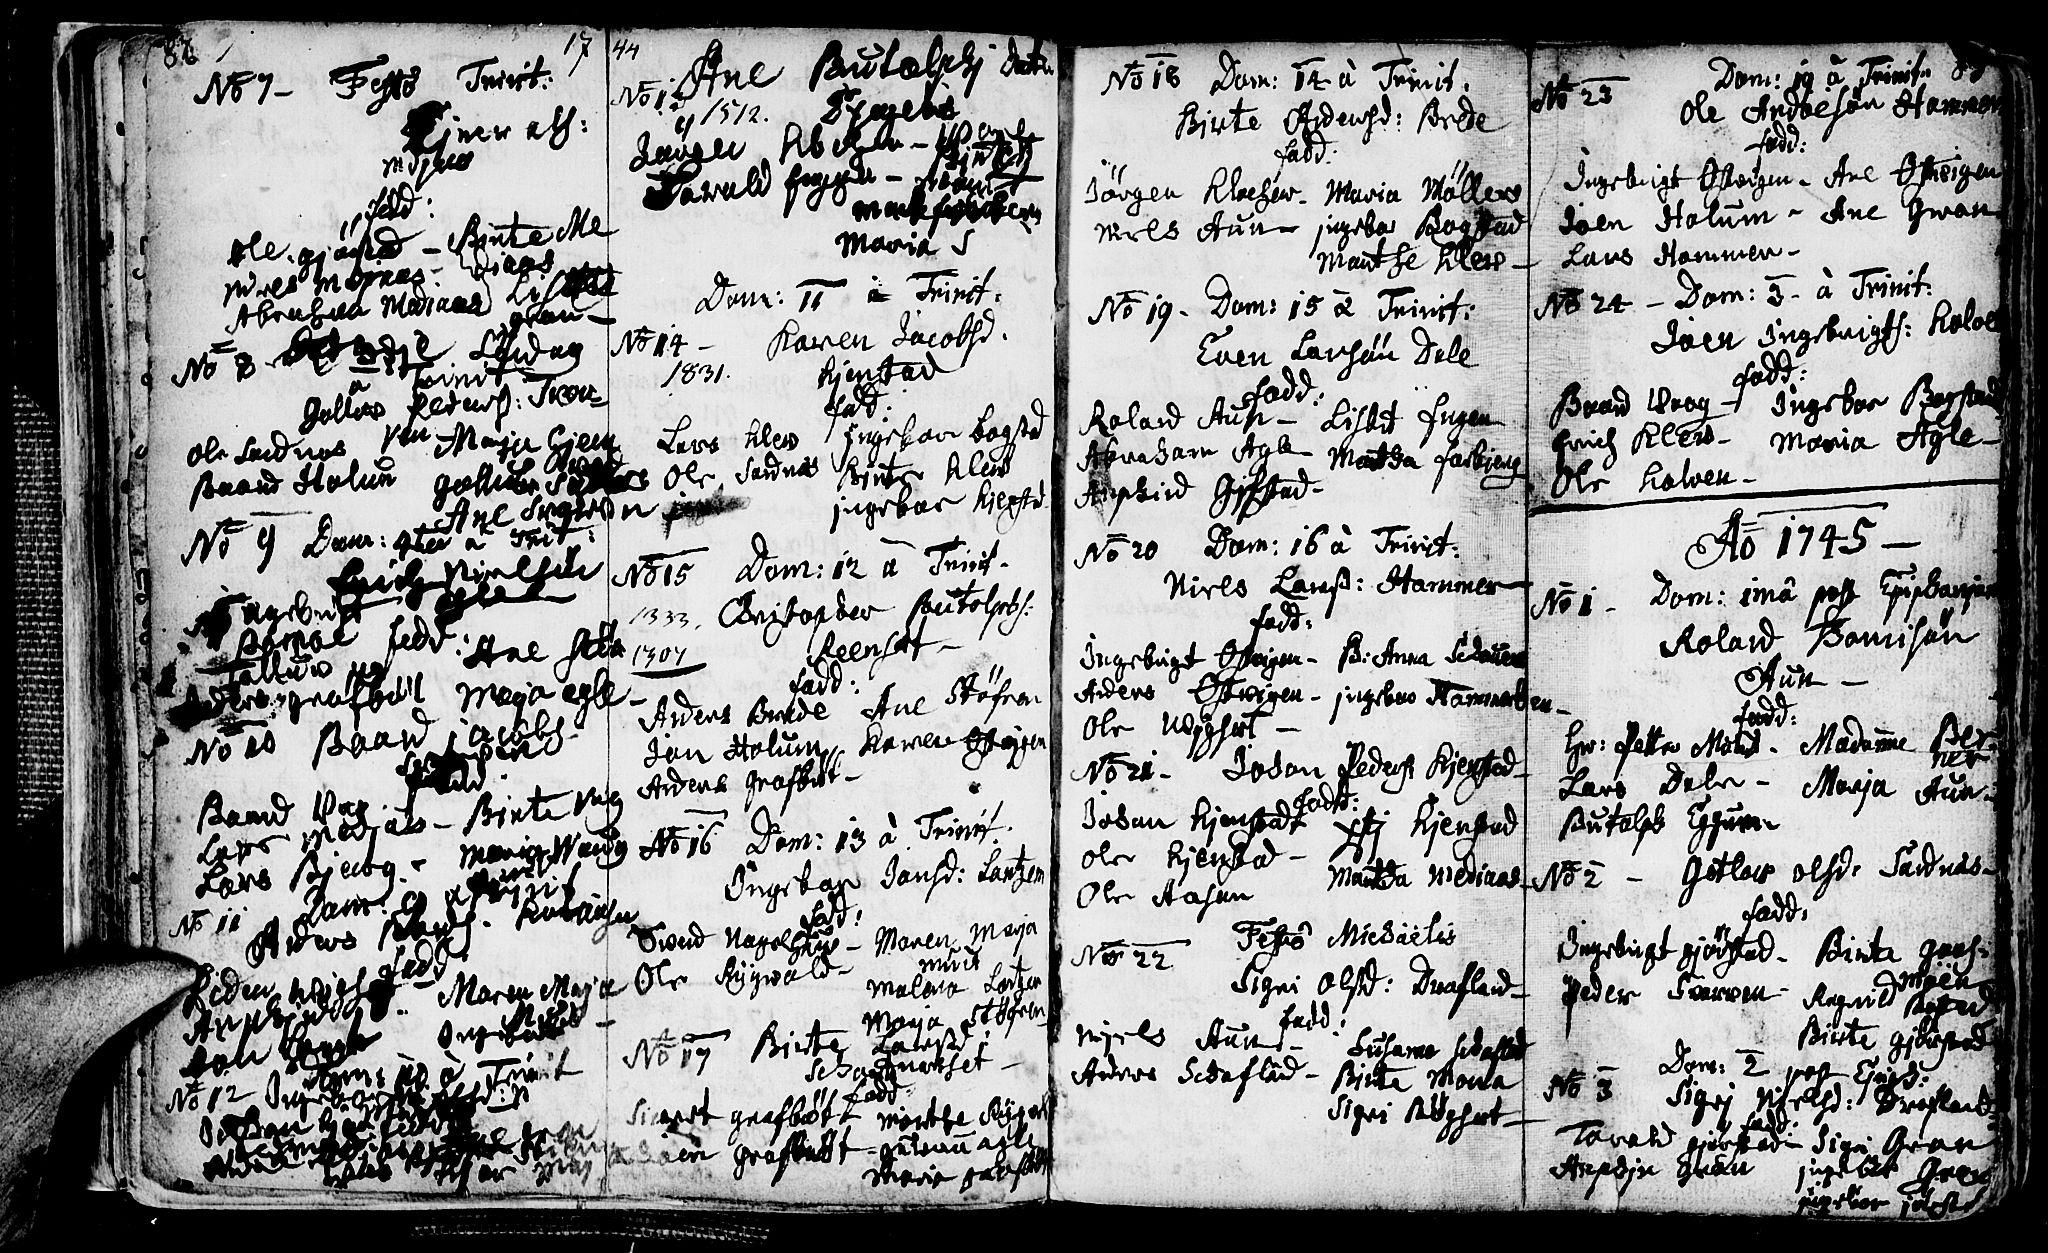 SAT, Ministerialprotokoller, klokkerbøker og fødselsregistre - Nord-Trøndelag, 749/L0467: Ministerialbok nr. 749A01, 1733-1787, s. 82-83